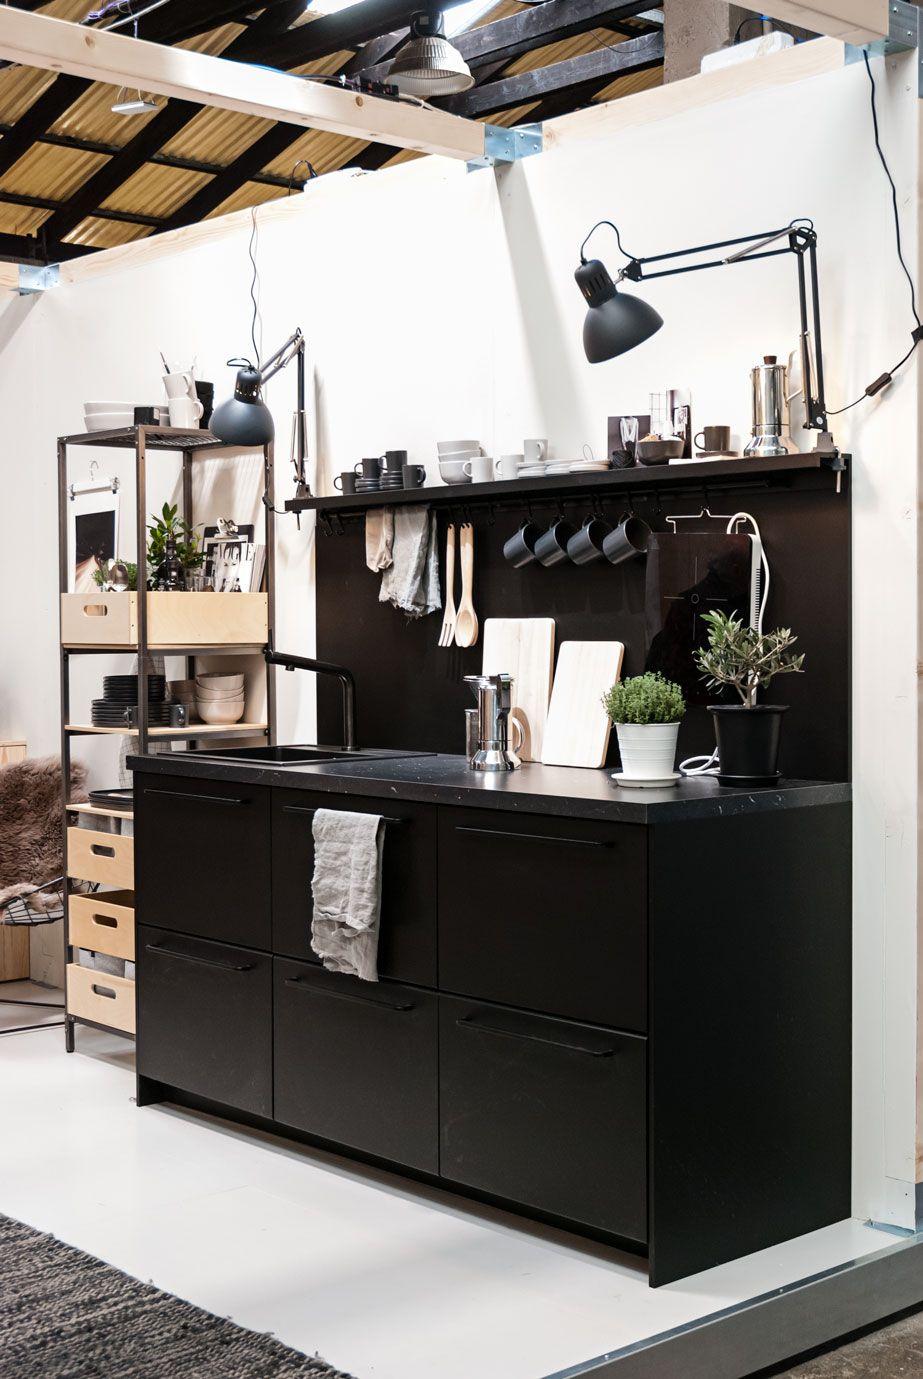 La cucina Ikea 2017 Innenarchitektur küche, Küchen